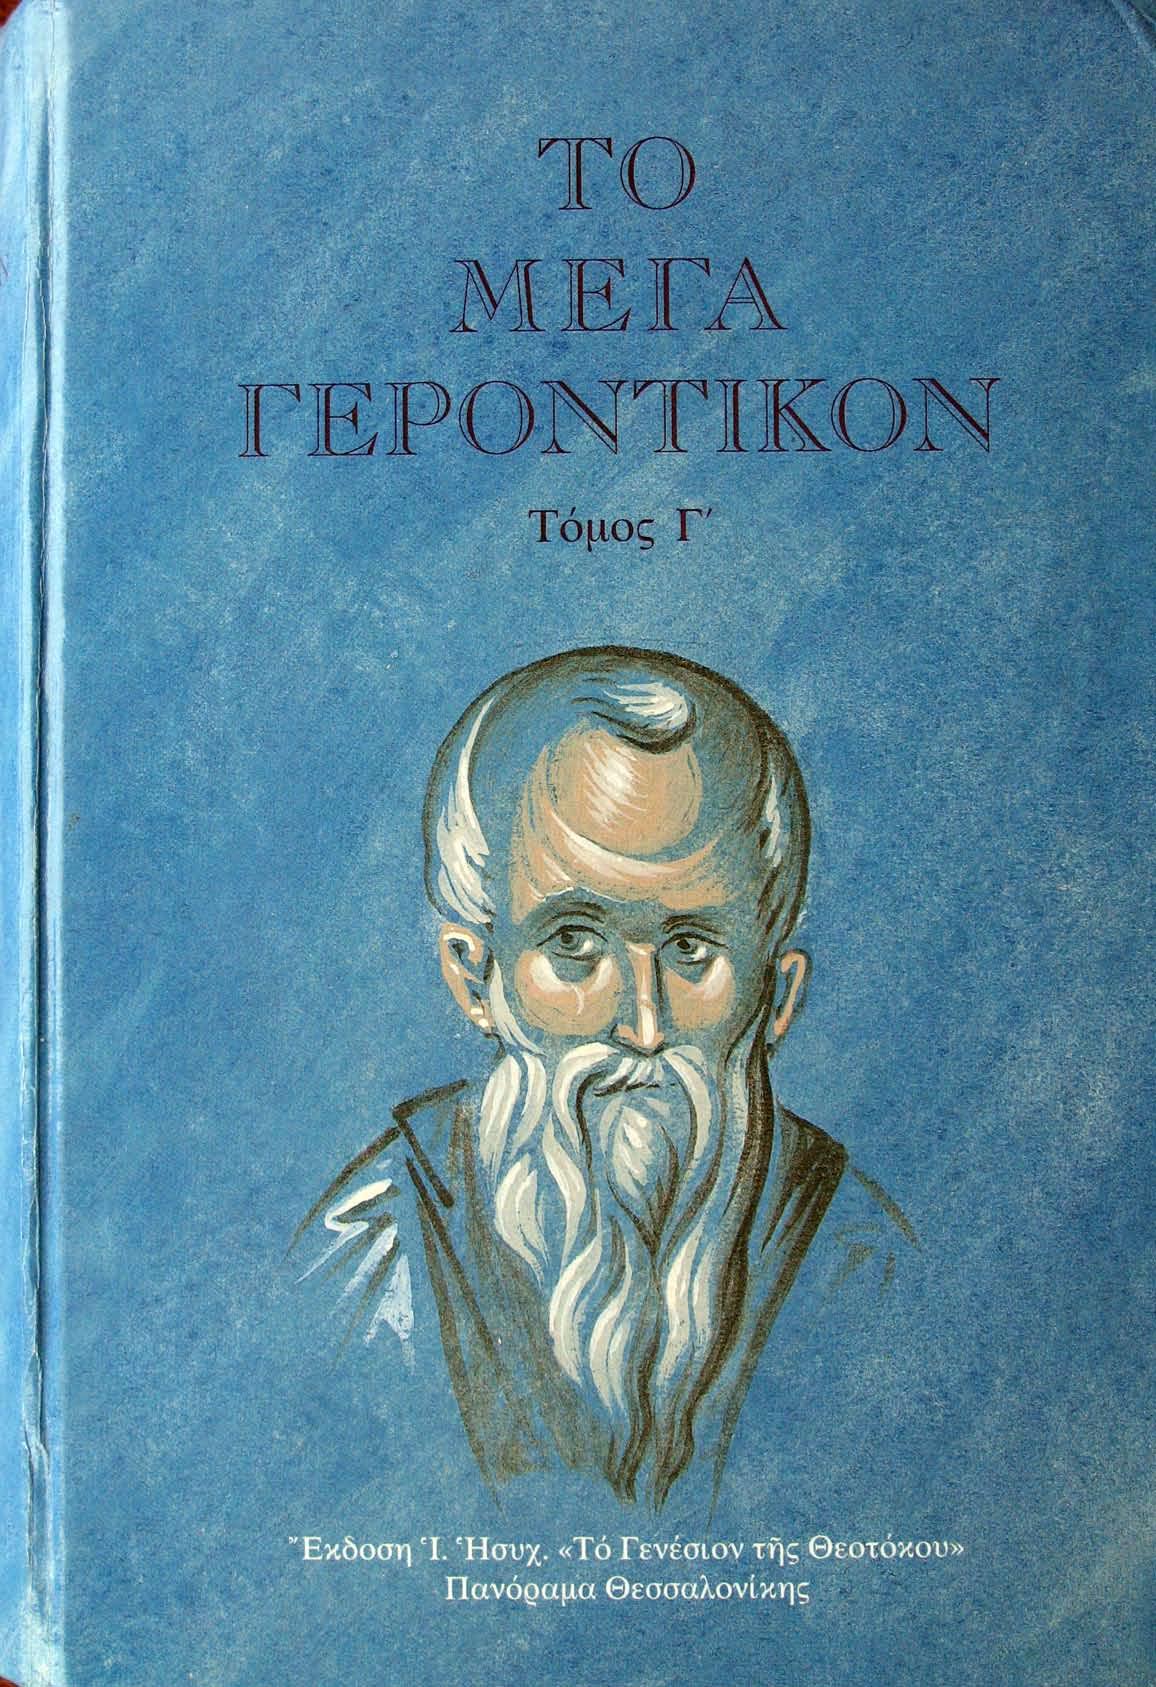 Μέγα Γεροντικόν (Τόμος Γ΄)